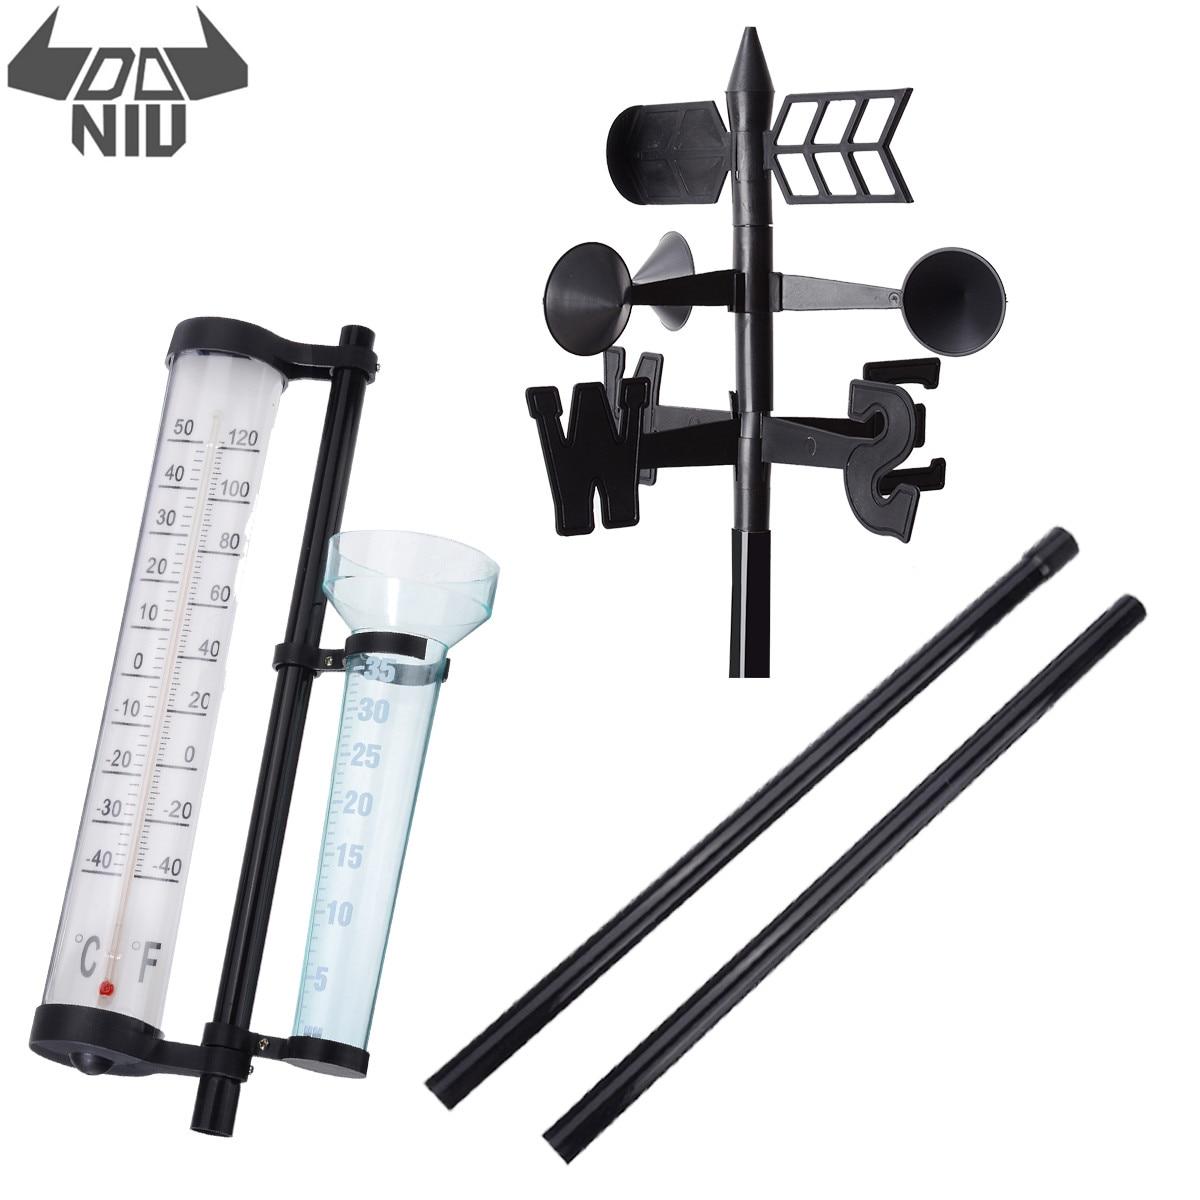 DANIU Multifunction Outdoor Garden Weather Station Meteorological Measurer Vane Tool Wind Rain Gauge Temperature Instruments